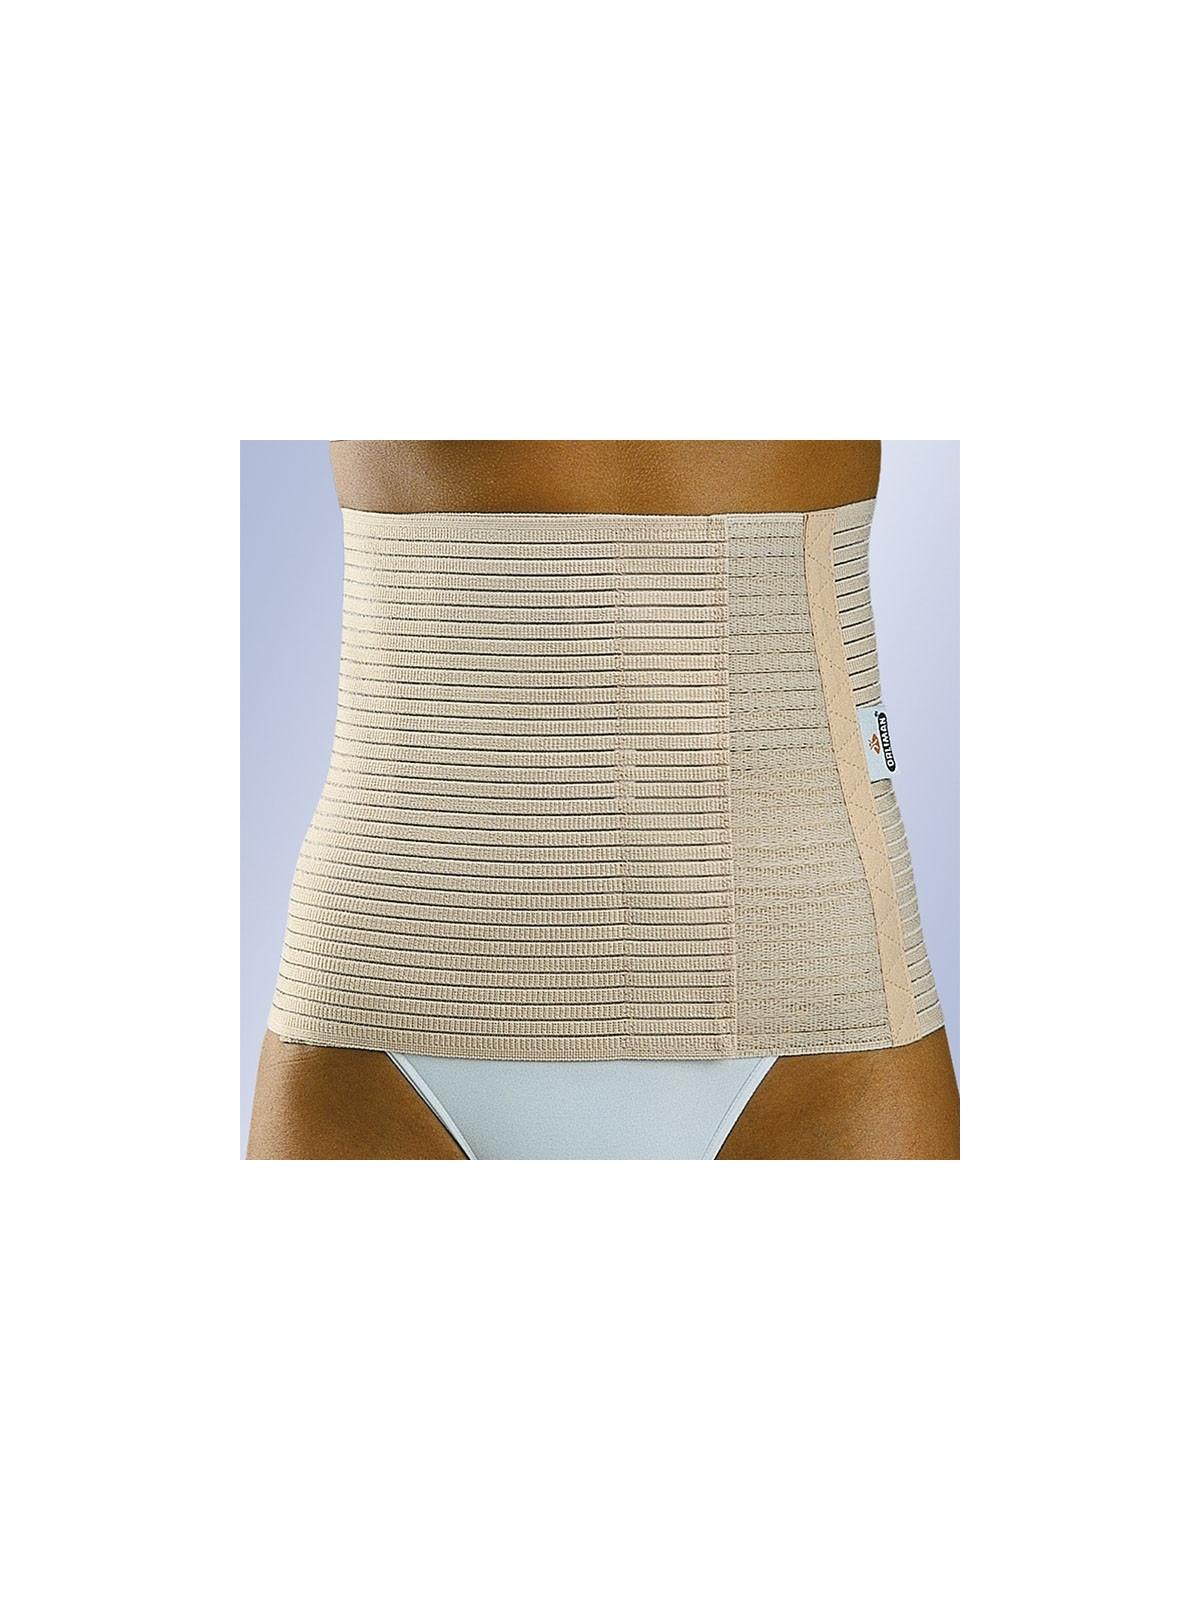 Banda elástica abdominal ORLIMAN